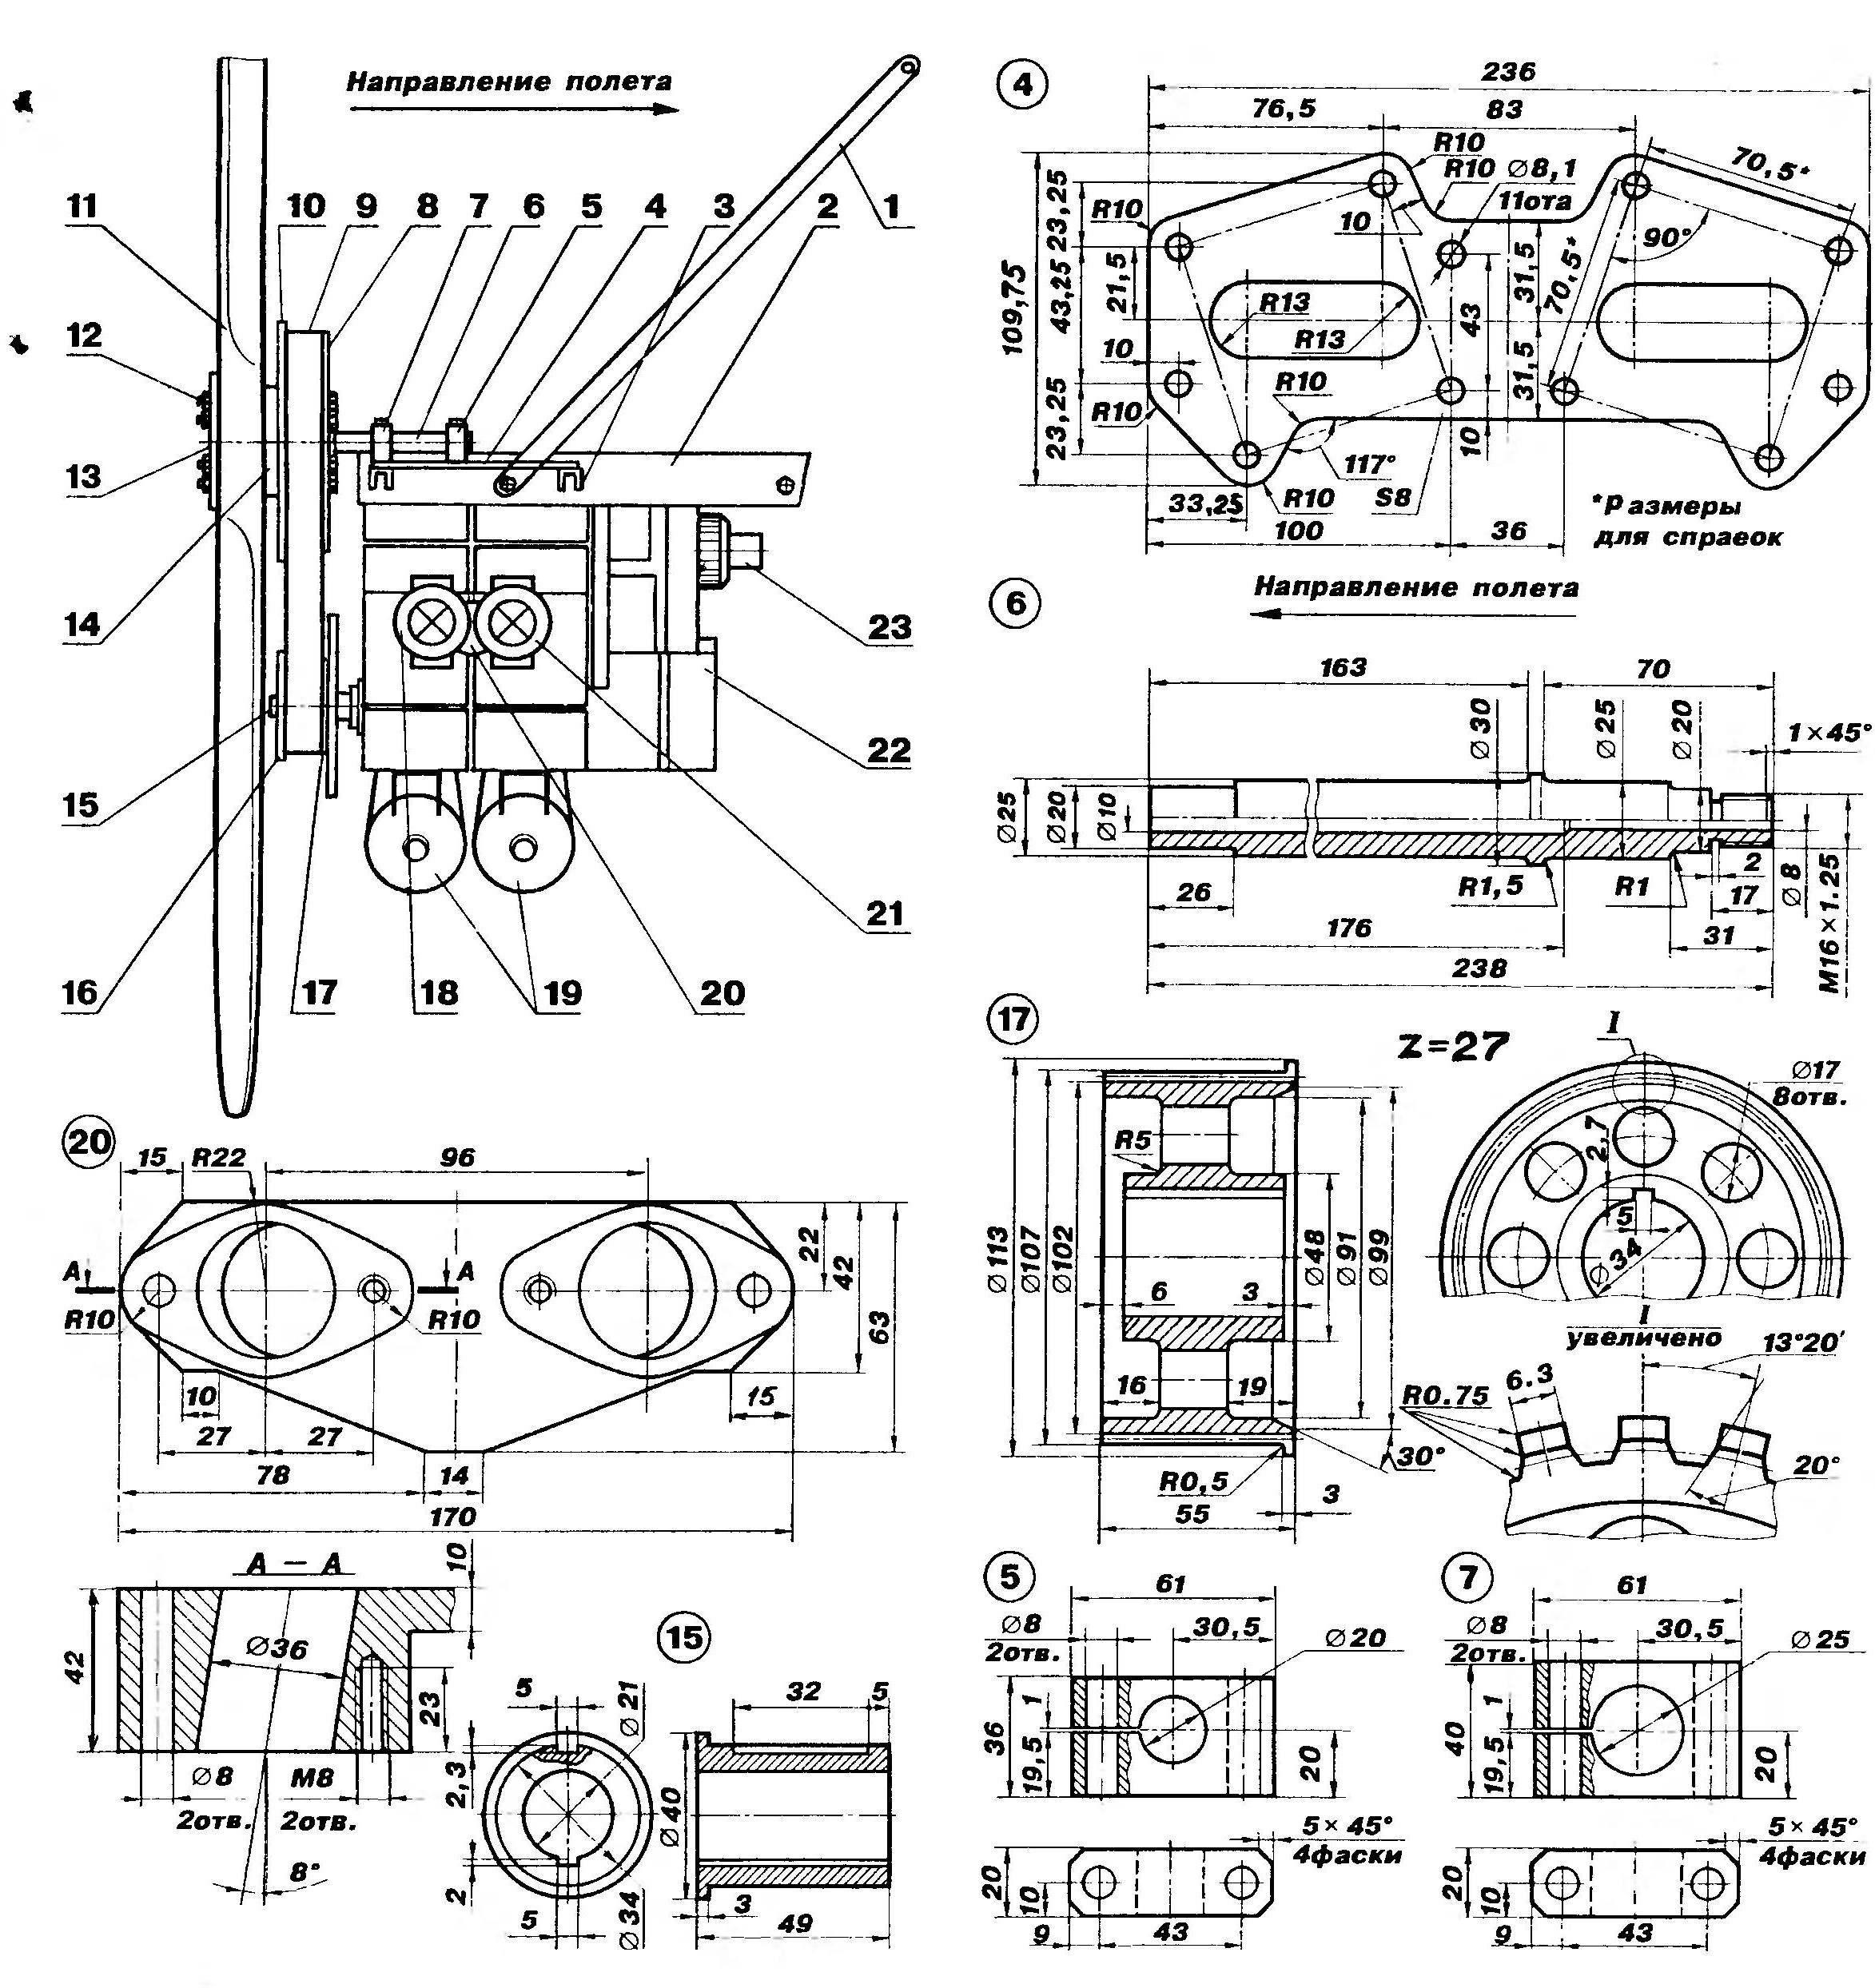 Компоновка дополнительного оборудования на двигателе и его раме (кроме системы жидкостного охлаждения)